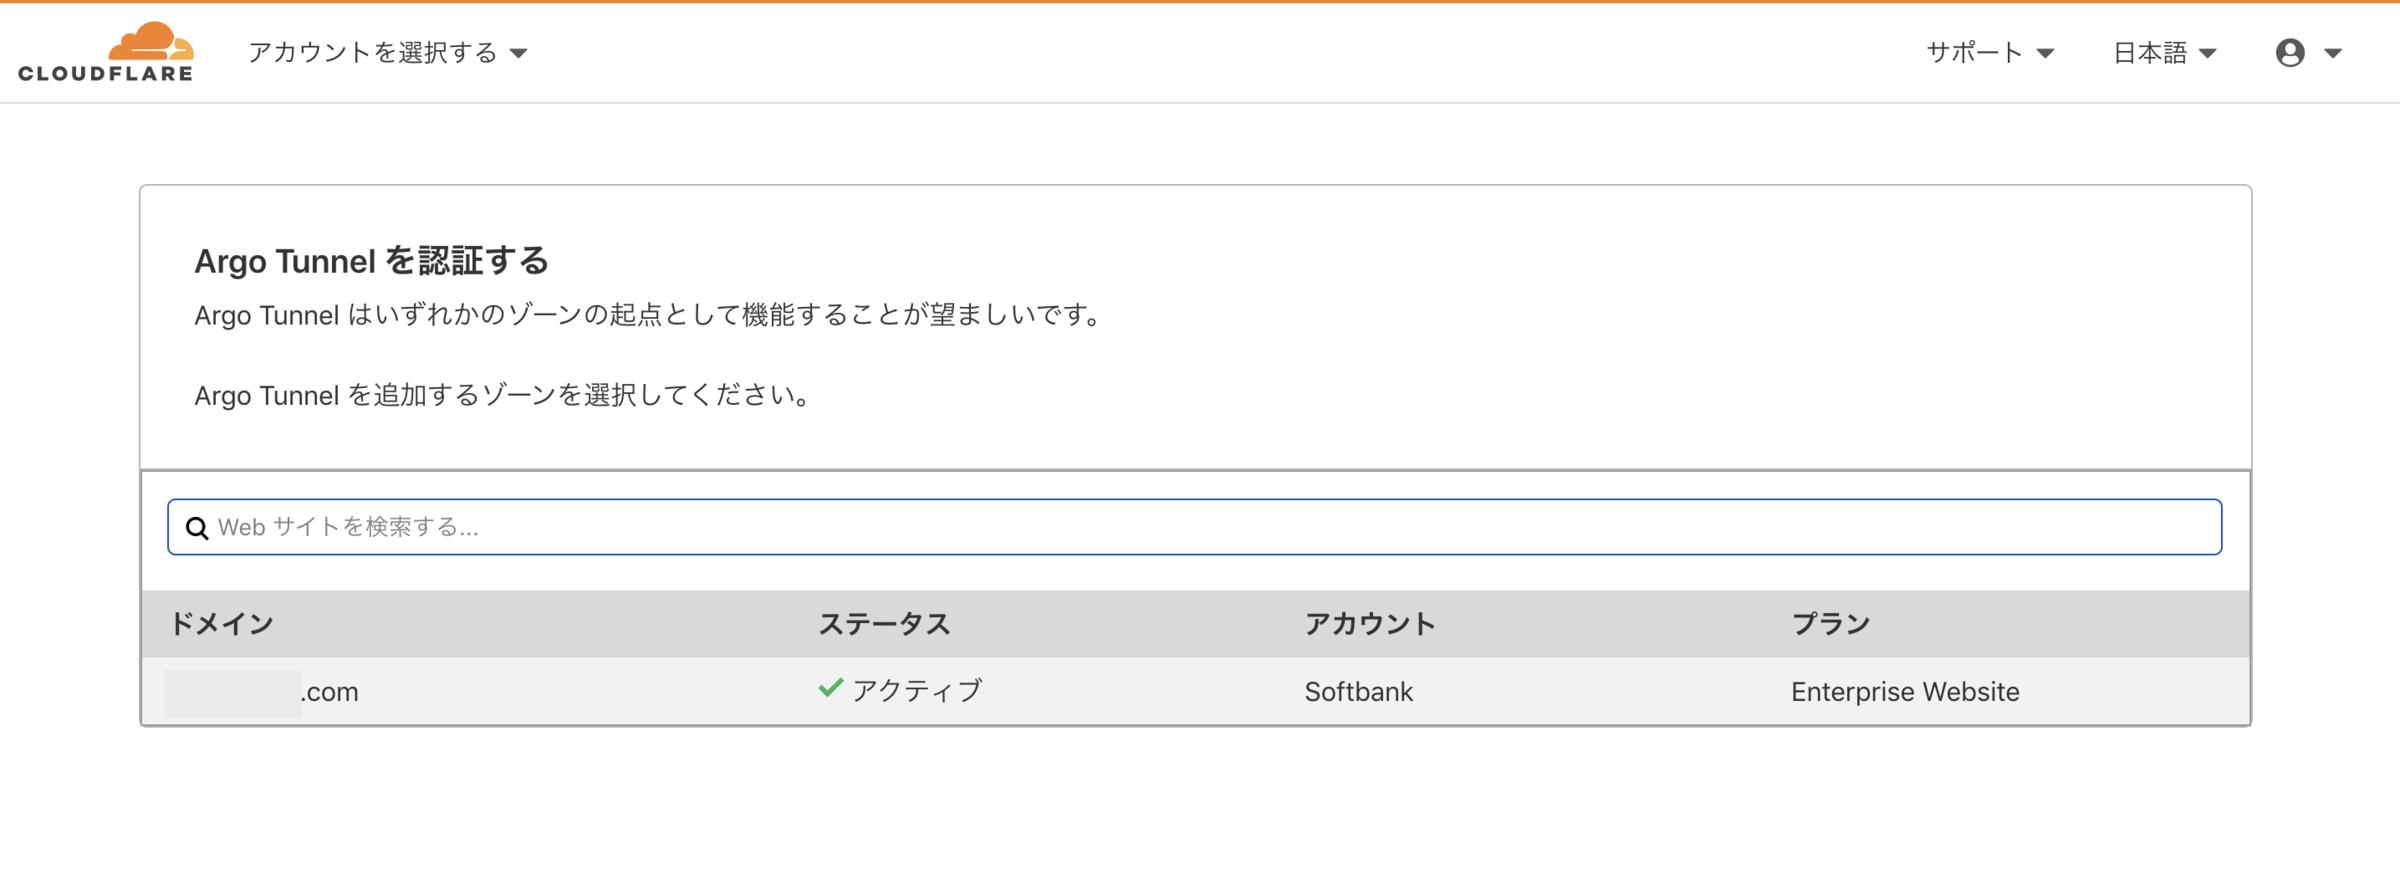 f:id:sbc_saito:20210316183751p:plain